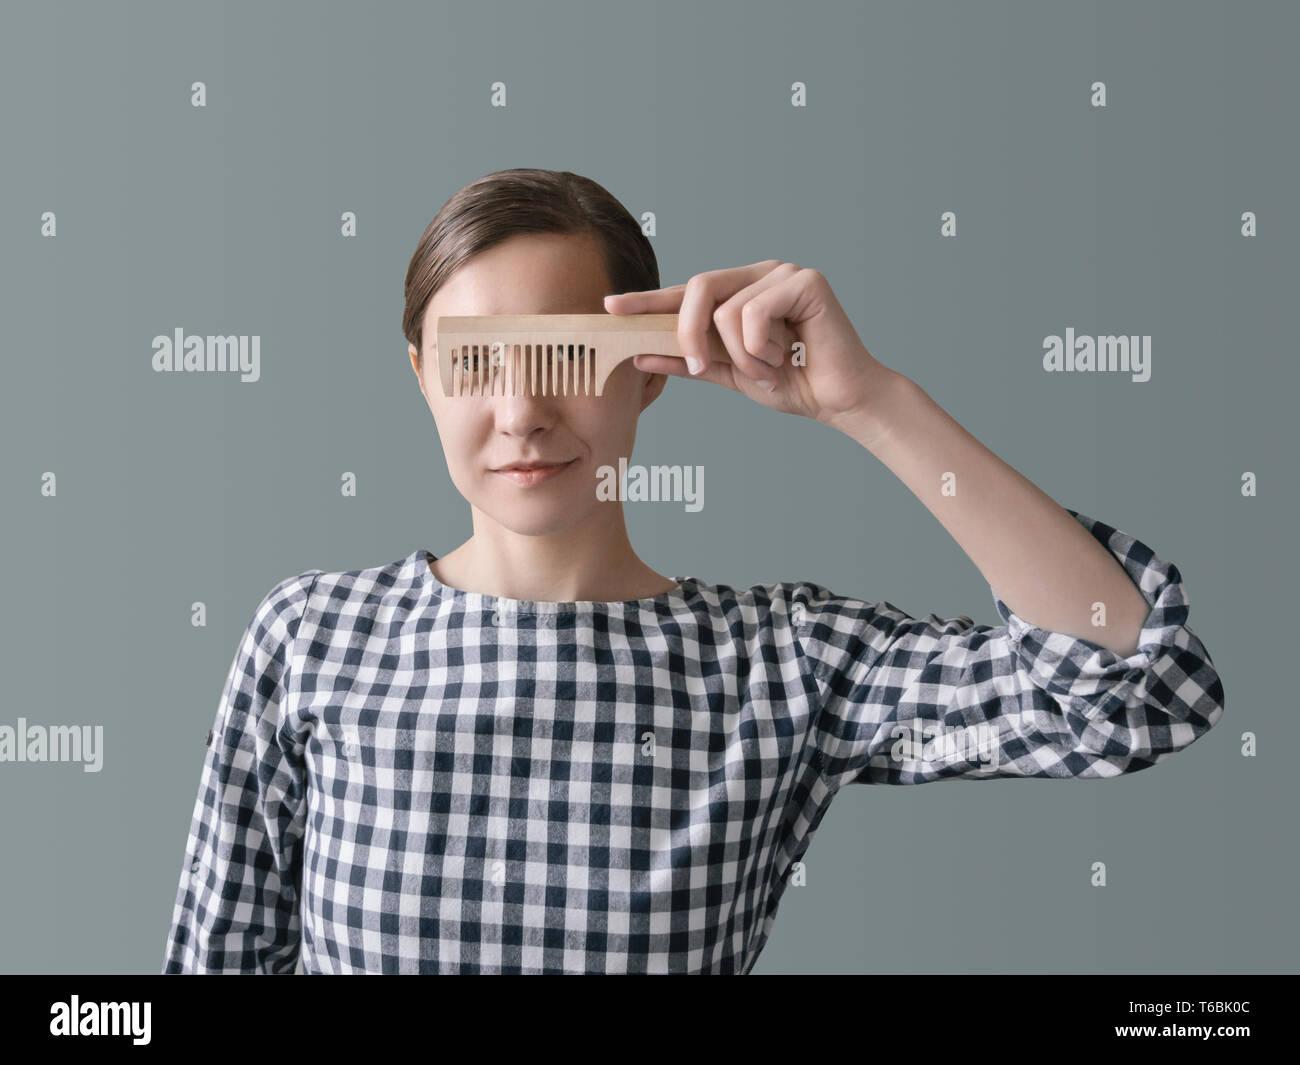 Eco concept zéro déchet produit la jeune fille à la robe à carreaux est titulaire d'un peigne en bois en face de son visage Banque D'Images